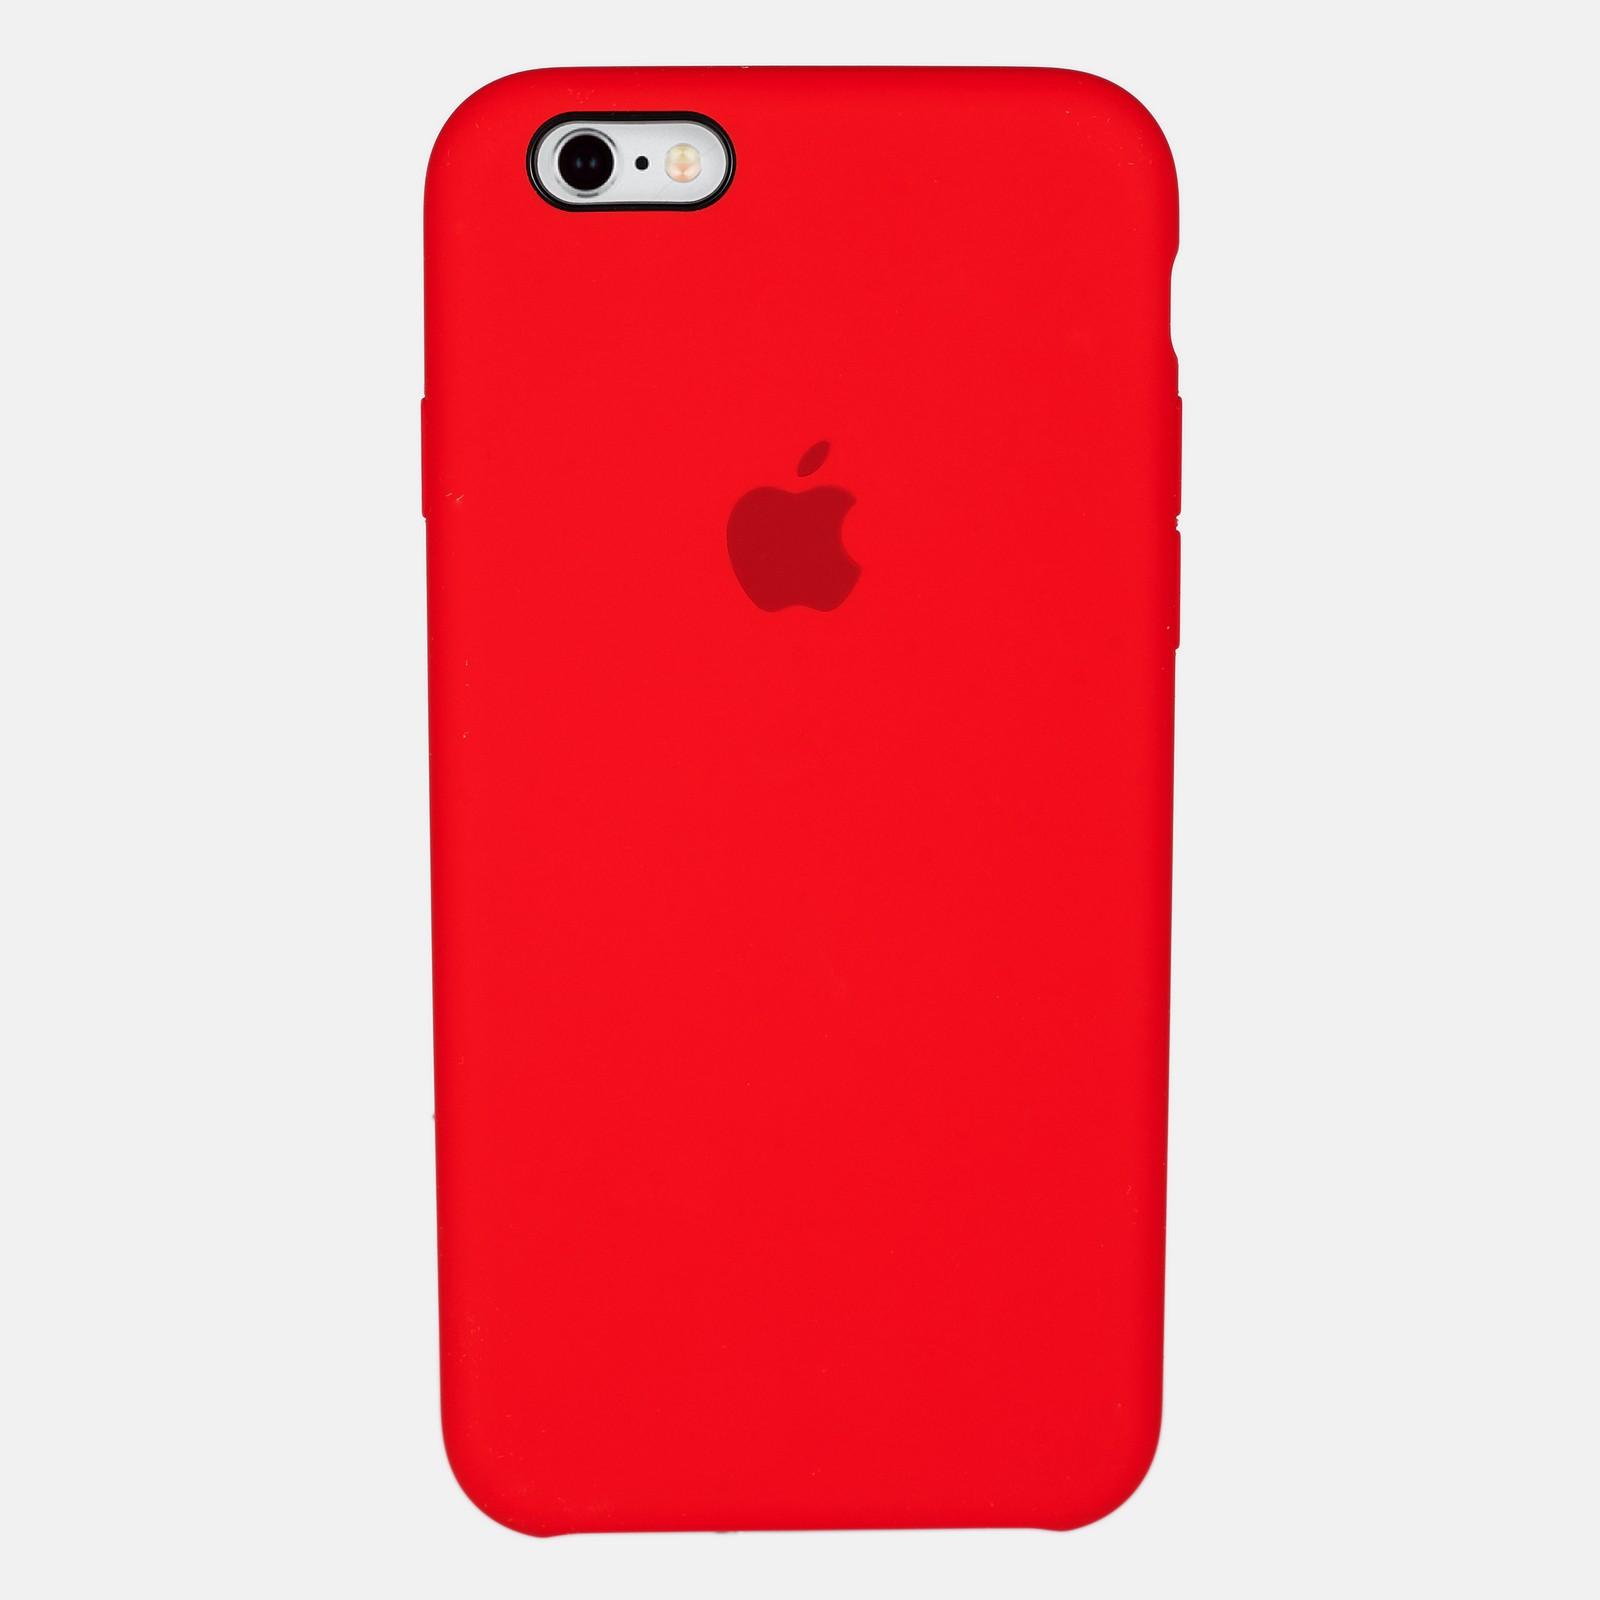 Красный чехол Silicone Case для iPhone 6/6S